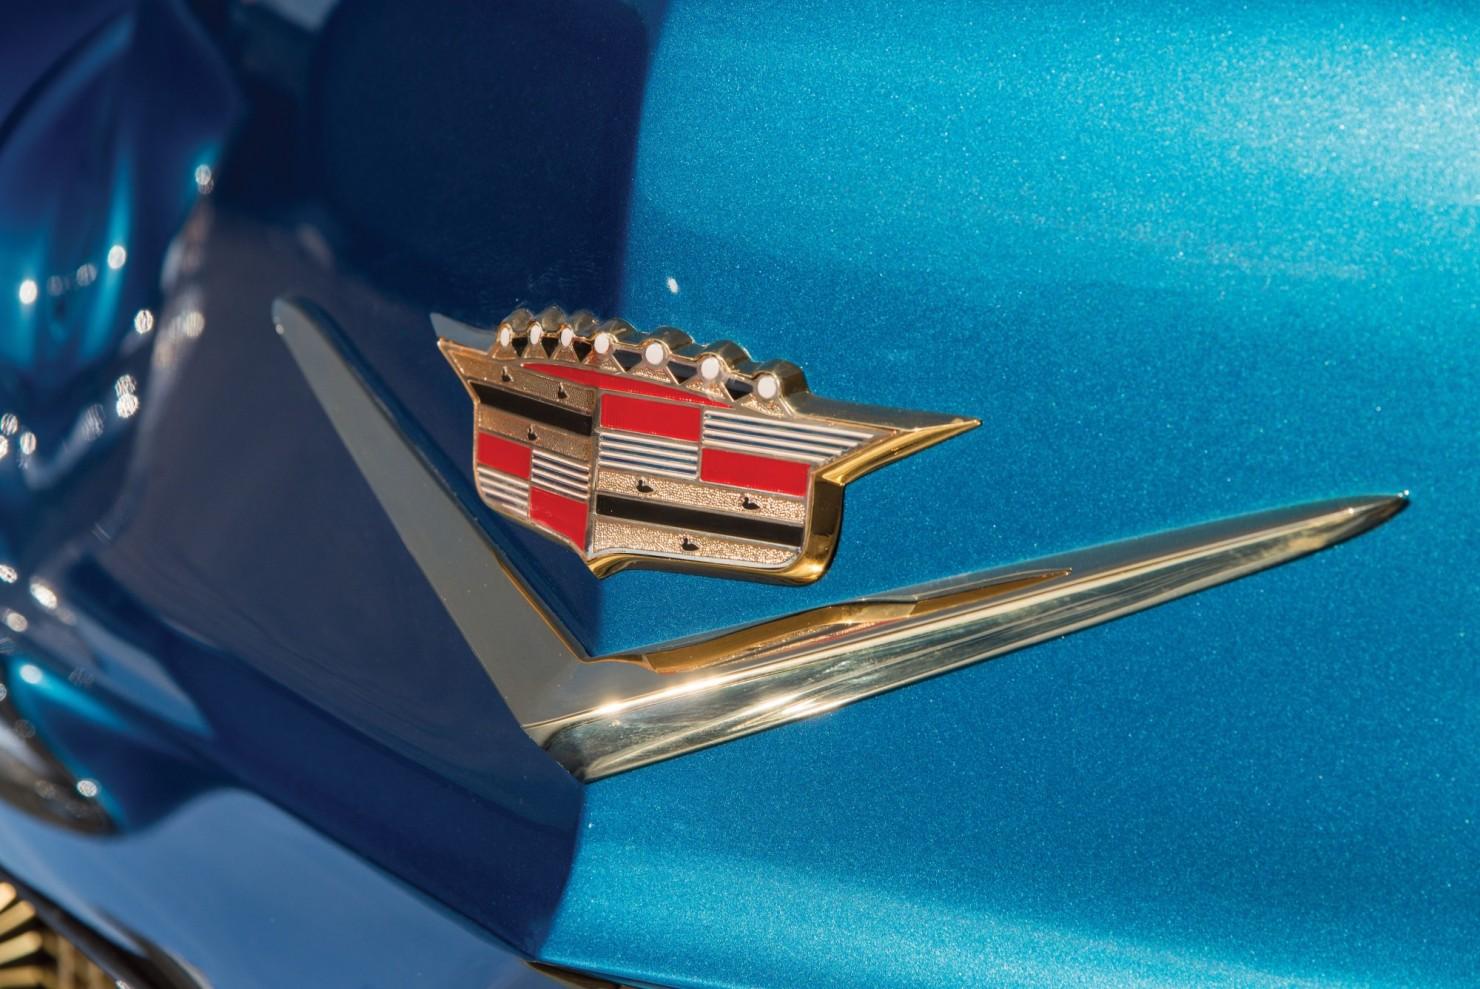 Cadillac-Eldorado-Car-18